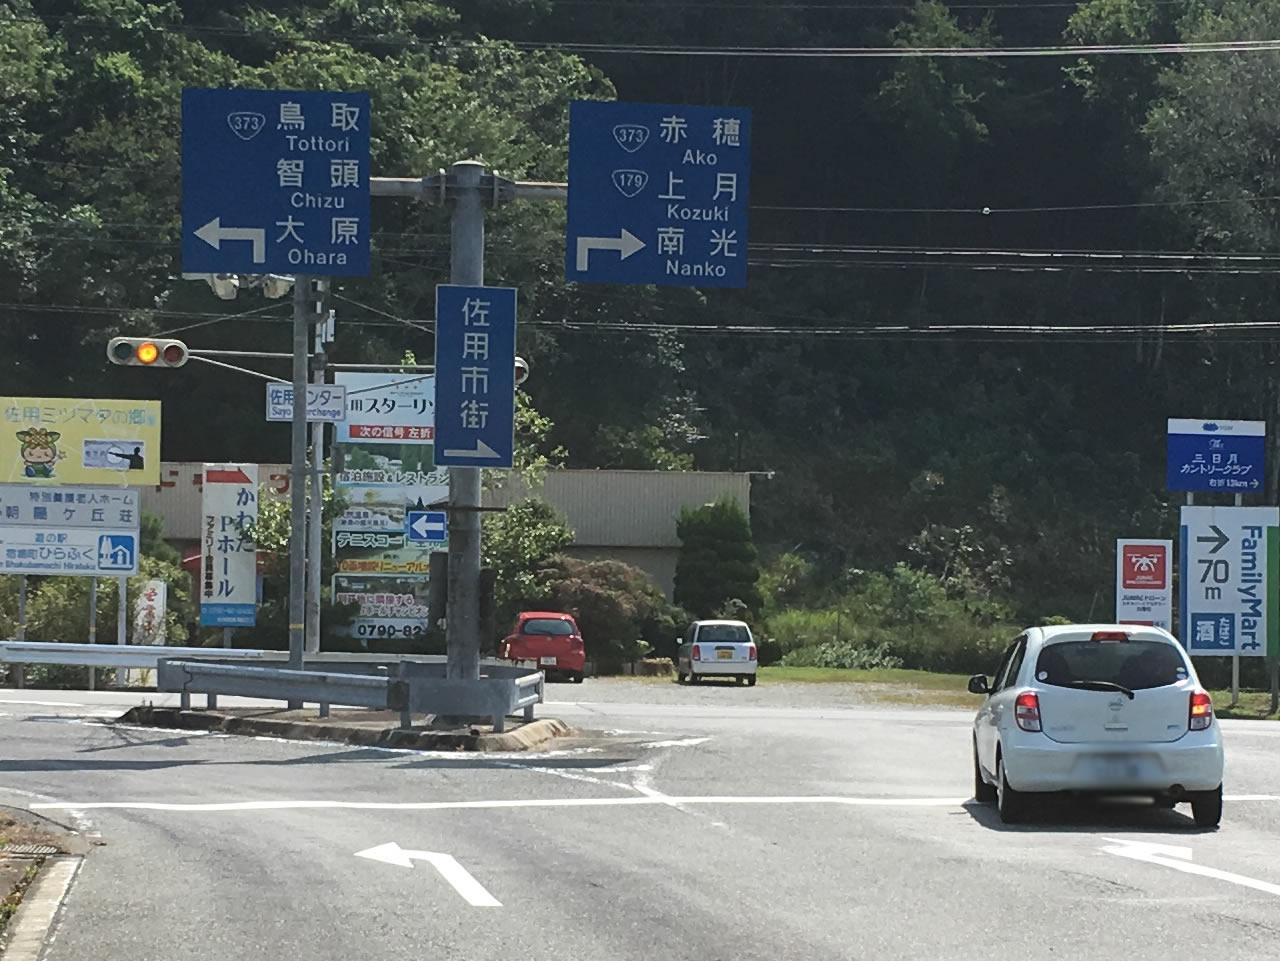 中国自動車道「佐用インター」を右折